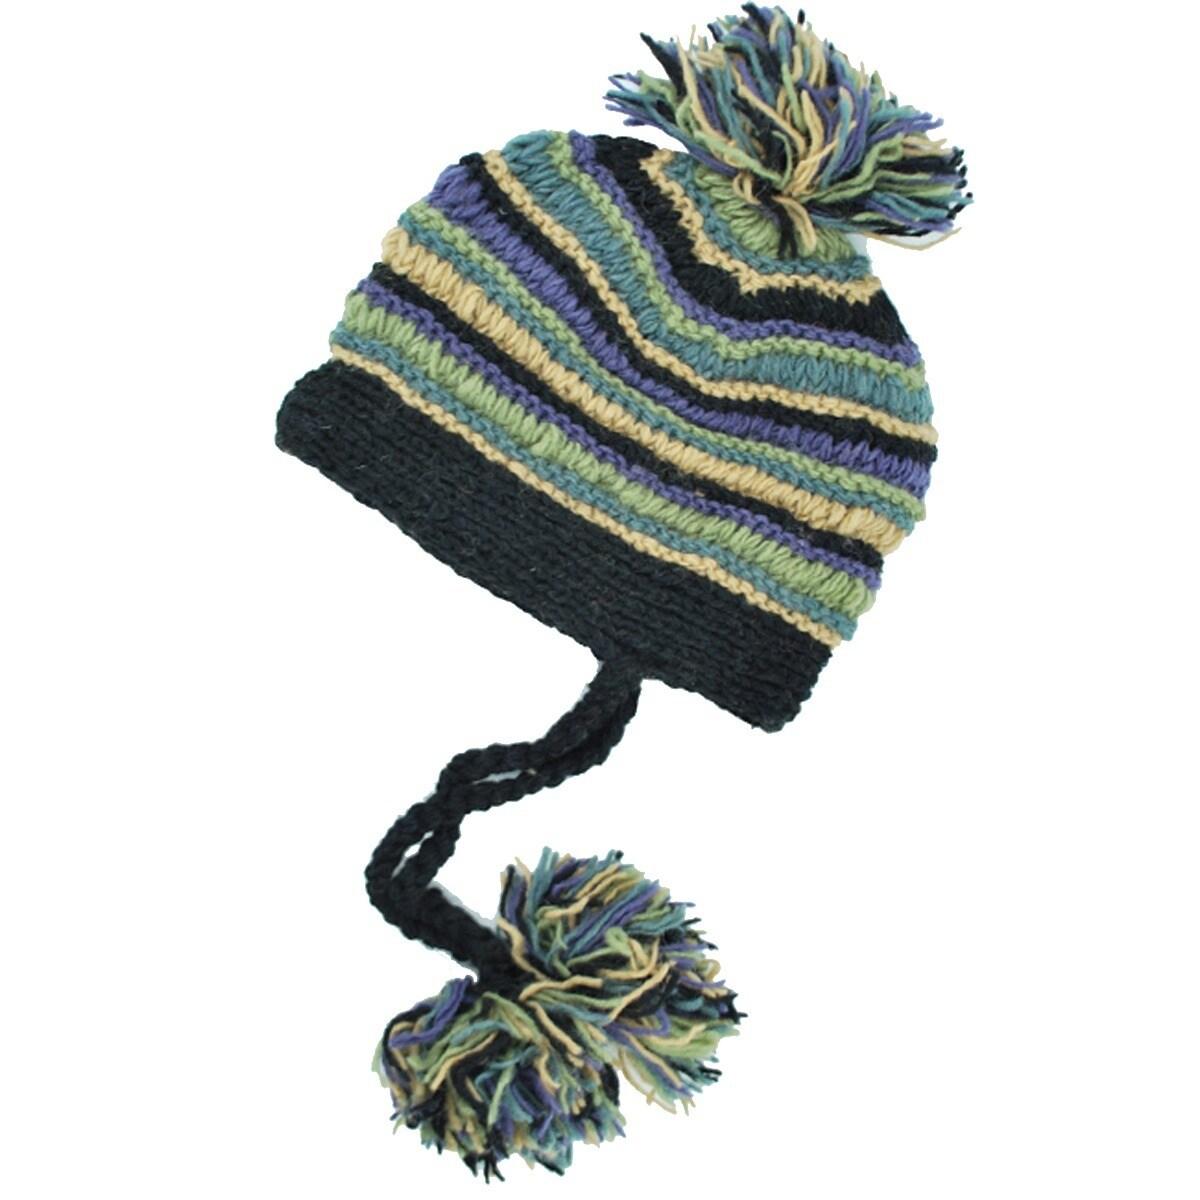 Handmade Pom Pom Girl Hat (Nepal) (Black), Size One Size ...